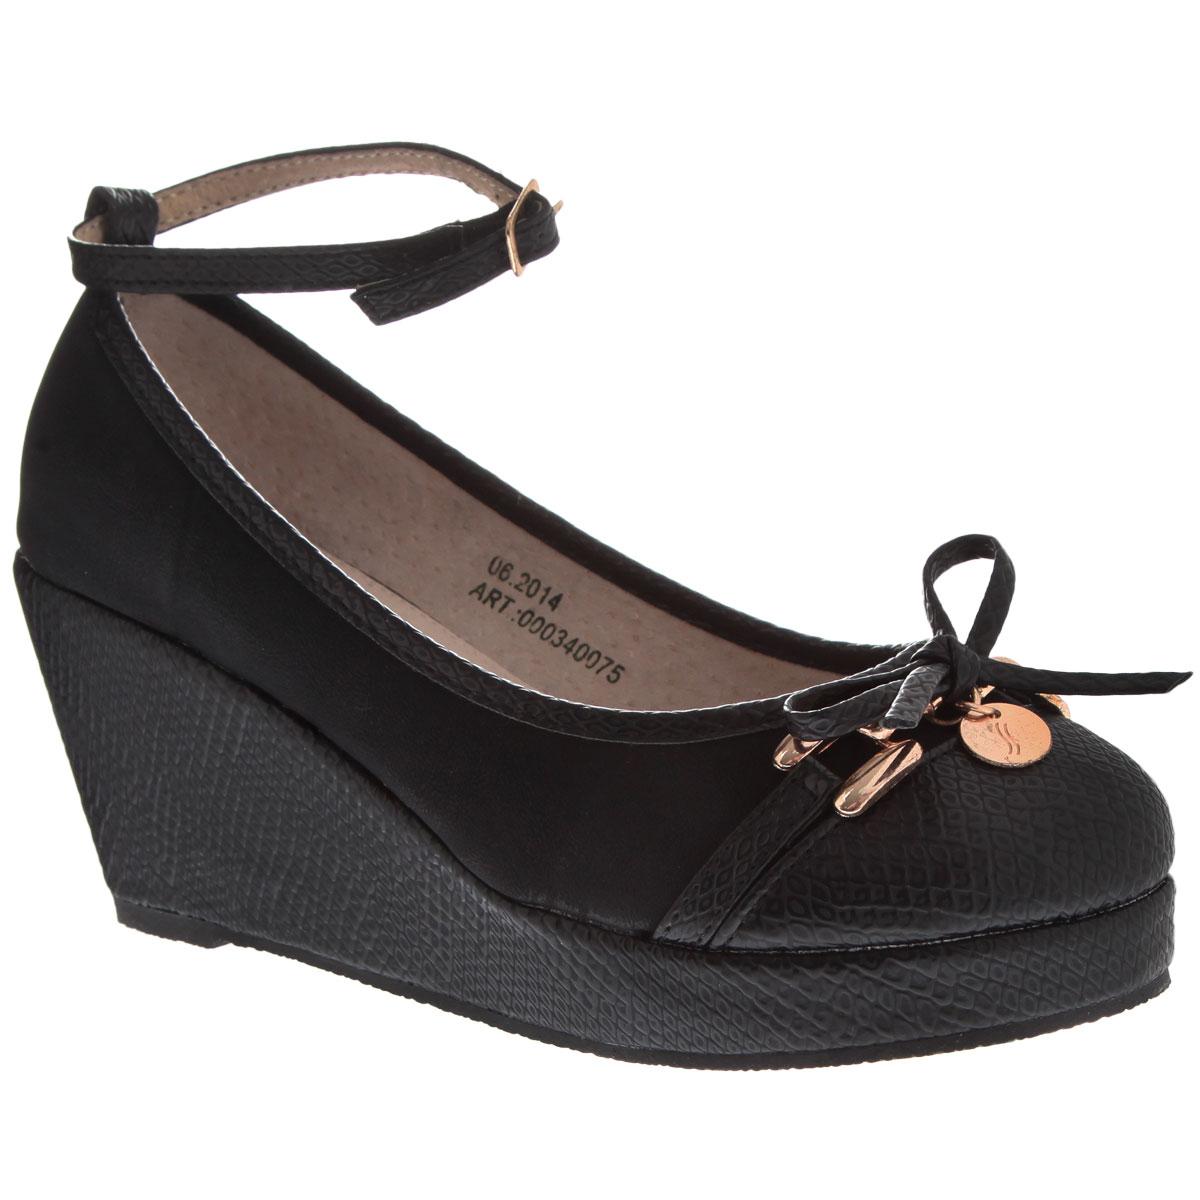 Туфли для девочки Аллигаша, цвет: черный. 000340075. Размер 37000340075Симпатичные модные туфли для девочки от торговой марки Аллигаша придутся по вкусу юным модницам. Модель выполнена из высококачественной искусственной кожи с тиснением под рептилию и искусственного нубука. Мыс украшен аккуратным бантиком и стильной фурнитурой. Подклад и стелька выполнены из натуральной кожи.Изящный съемный ремешок позволяет использовать данную модель, как с ним, так и без него. Туфли на танкетке и не большой платформе очень комфортны и удобны в носке. Эти туфли созданы для стильных юных модниц!